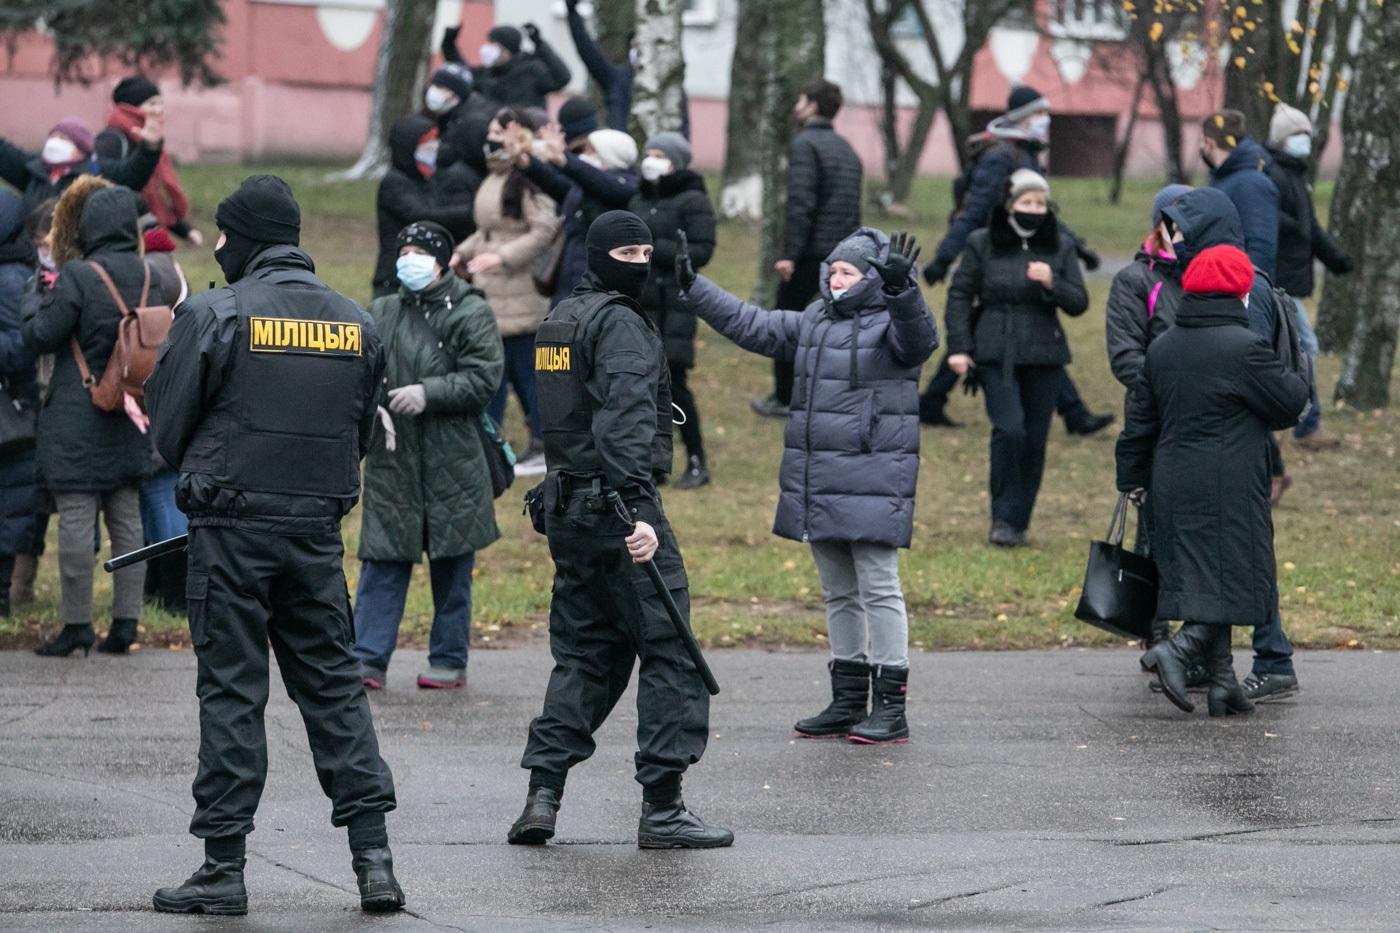 Europos Parlamentas dar kartą pasmerkė brutalius Baltarusijos valdžios veiksmus